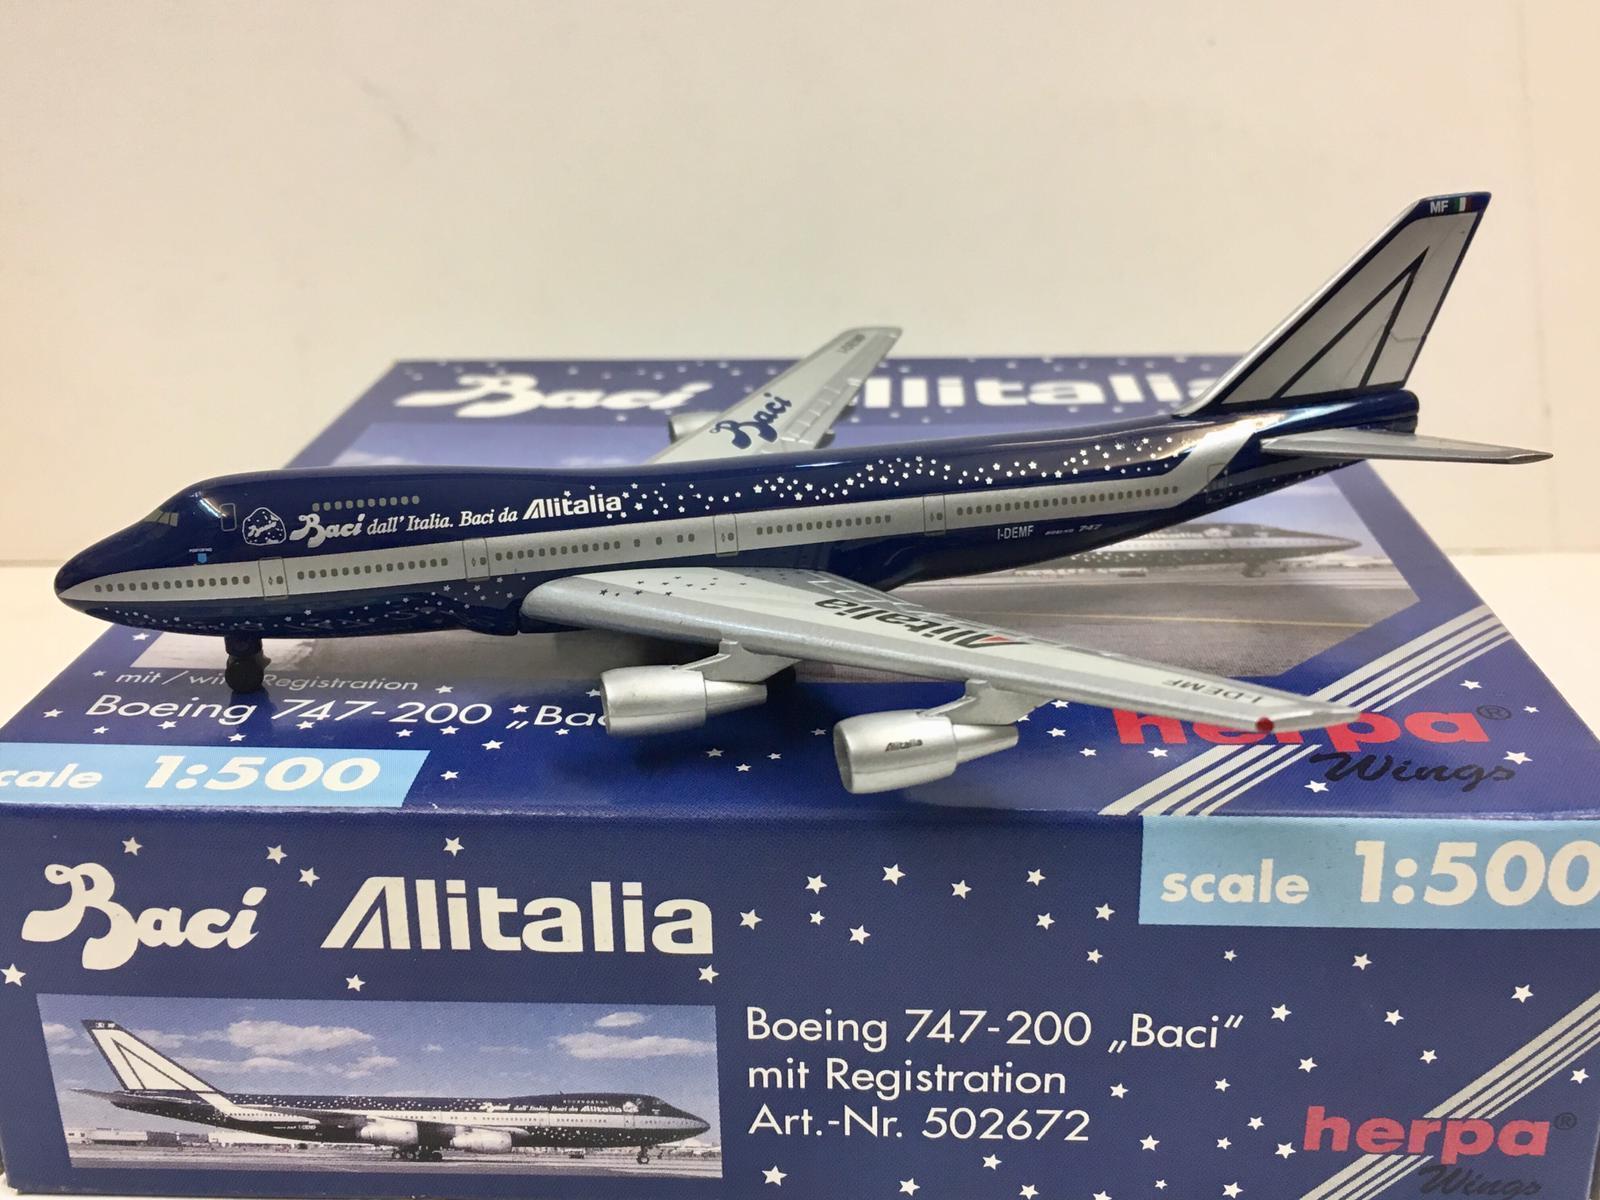 comprar marca Herpa Wings BACI Alitalia Boeing Boeing Boeing 747-200 1 500 I-DEMF 502672  Todo en alta calidad y bajo precio.